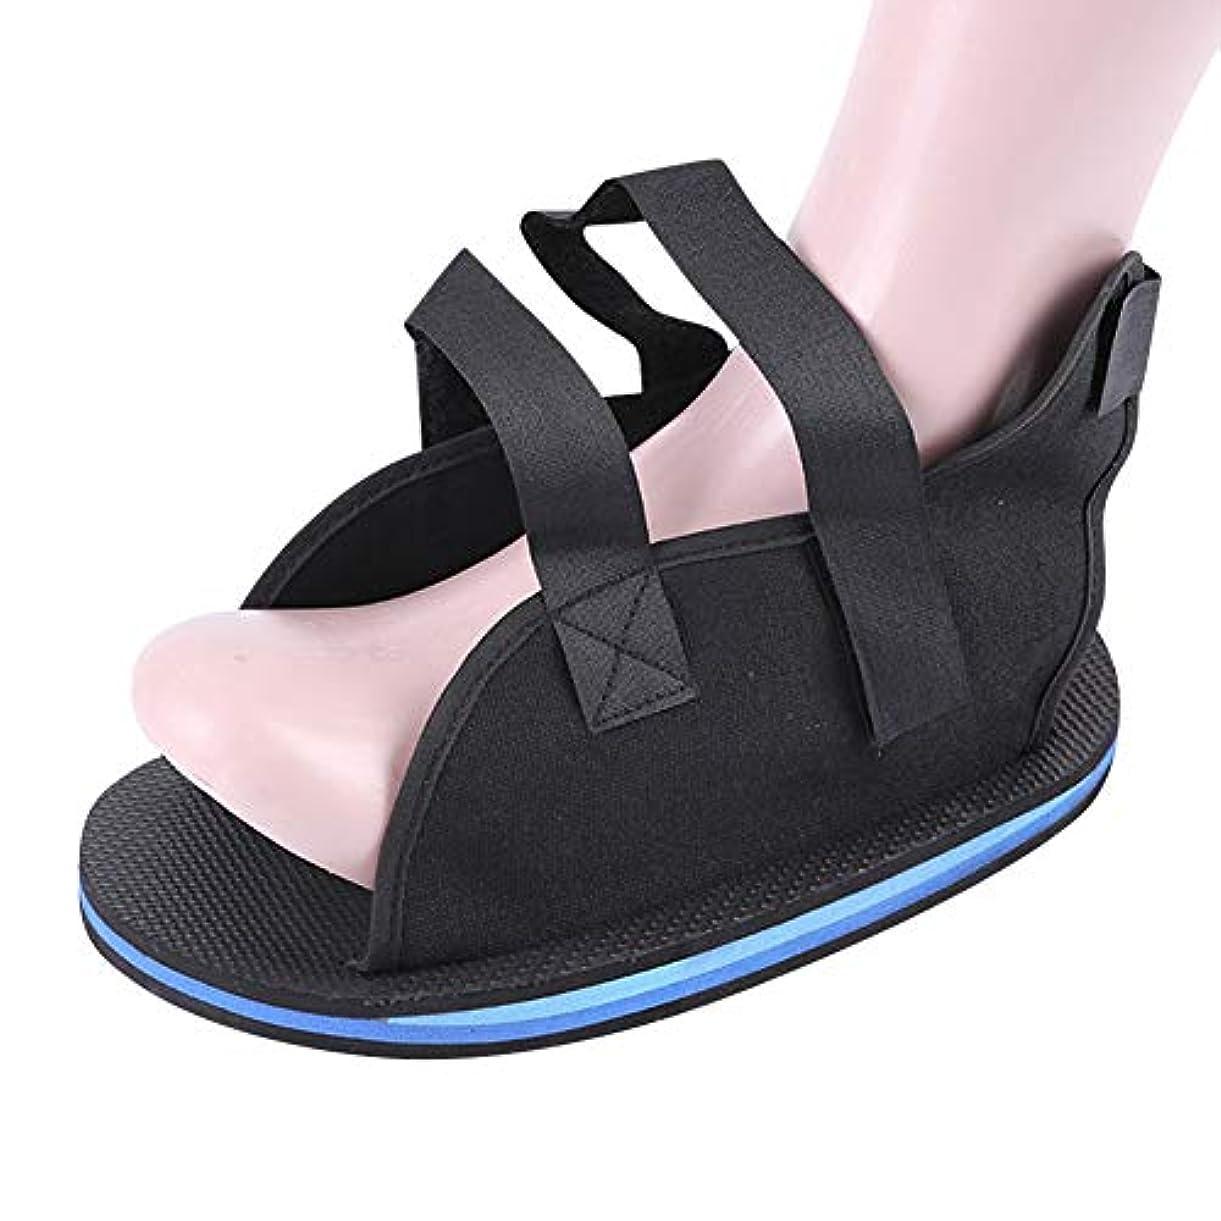 東方雇用者取るに足らないYudesunyds 足 リハビリテーションシューズ - 石膏靴 術後靴 足の骨折 保護足 関節捻